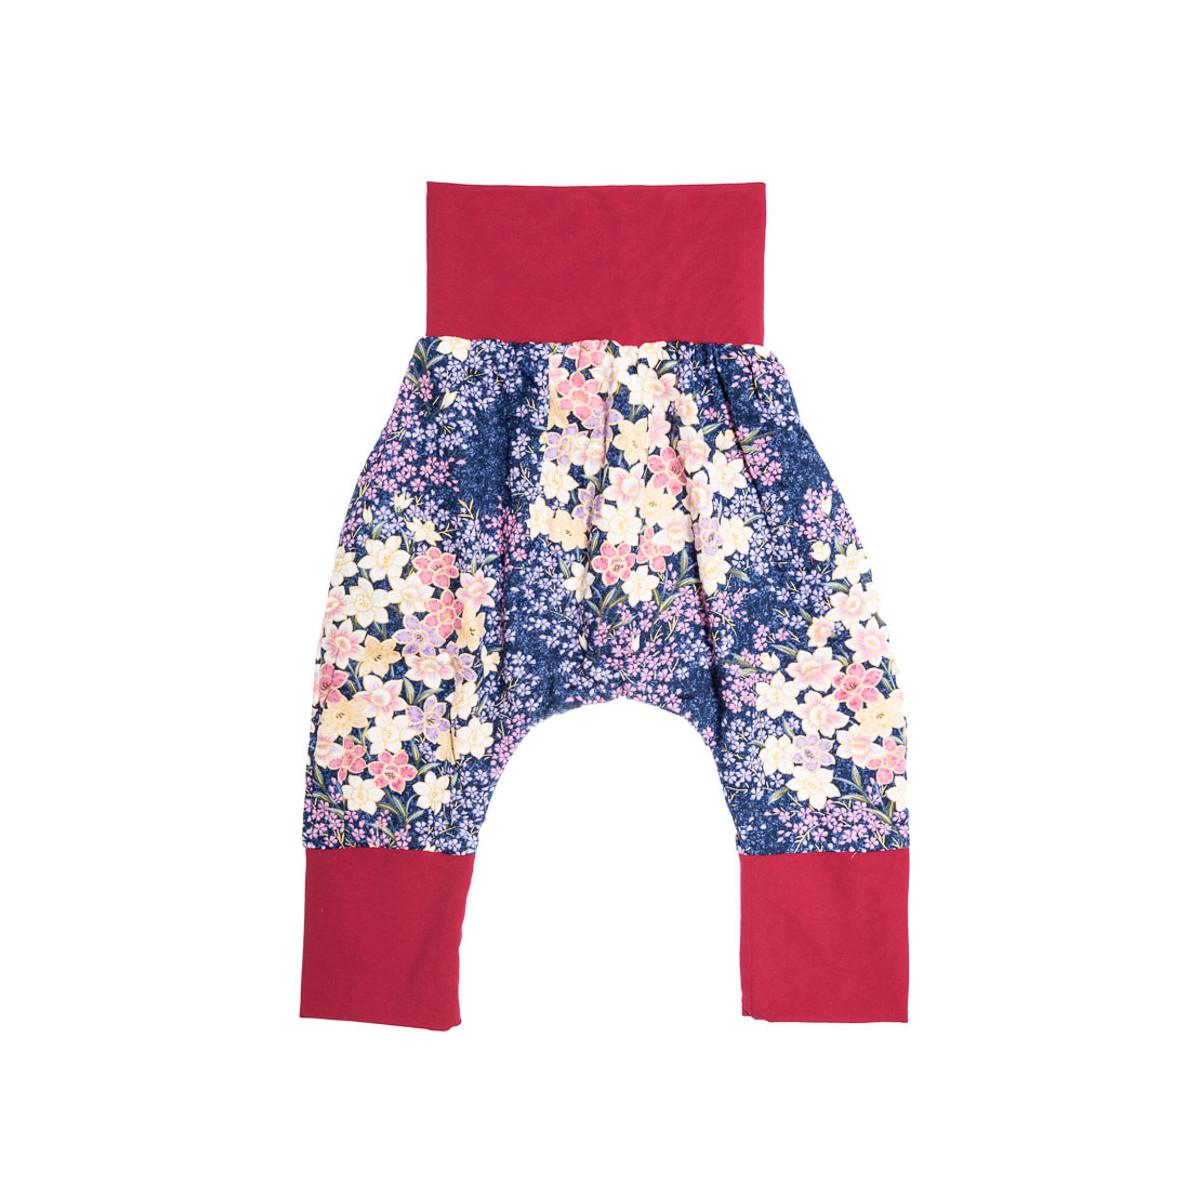 Pantalon sarouel doublé fille 6-24 mois mauve et fleurs